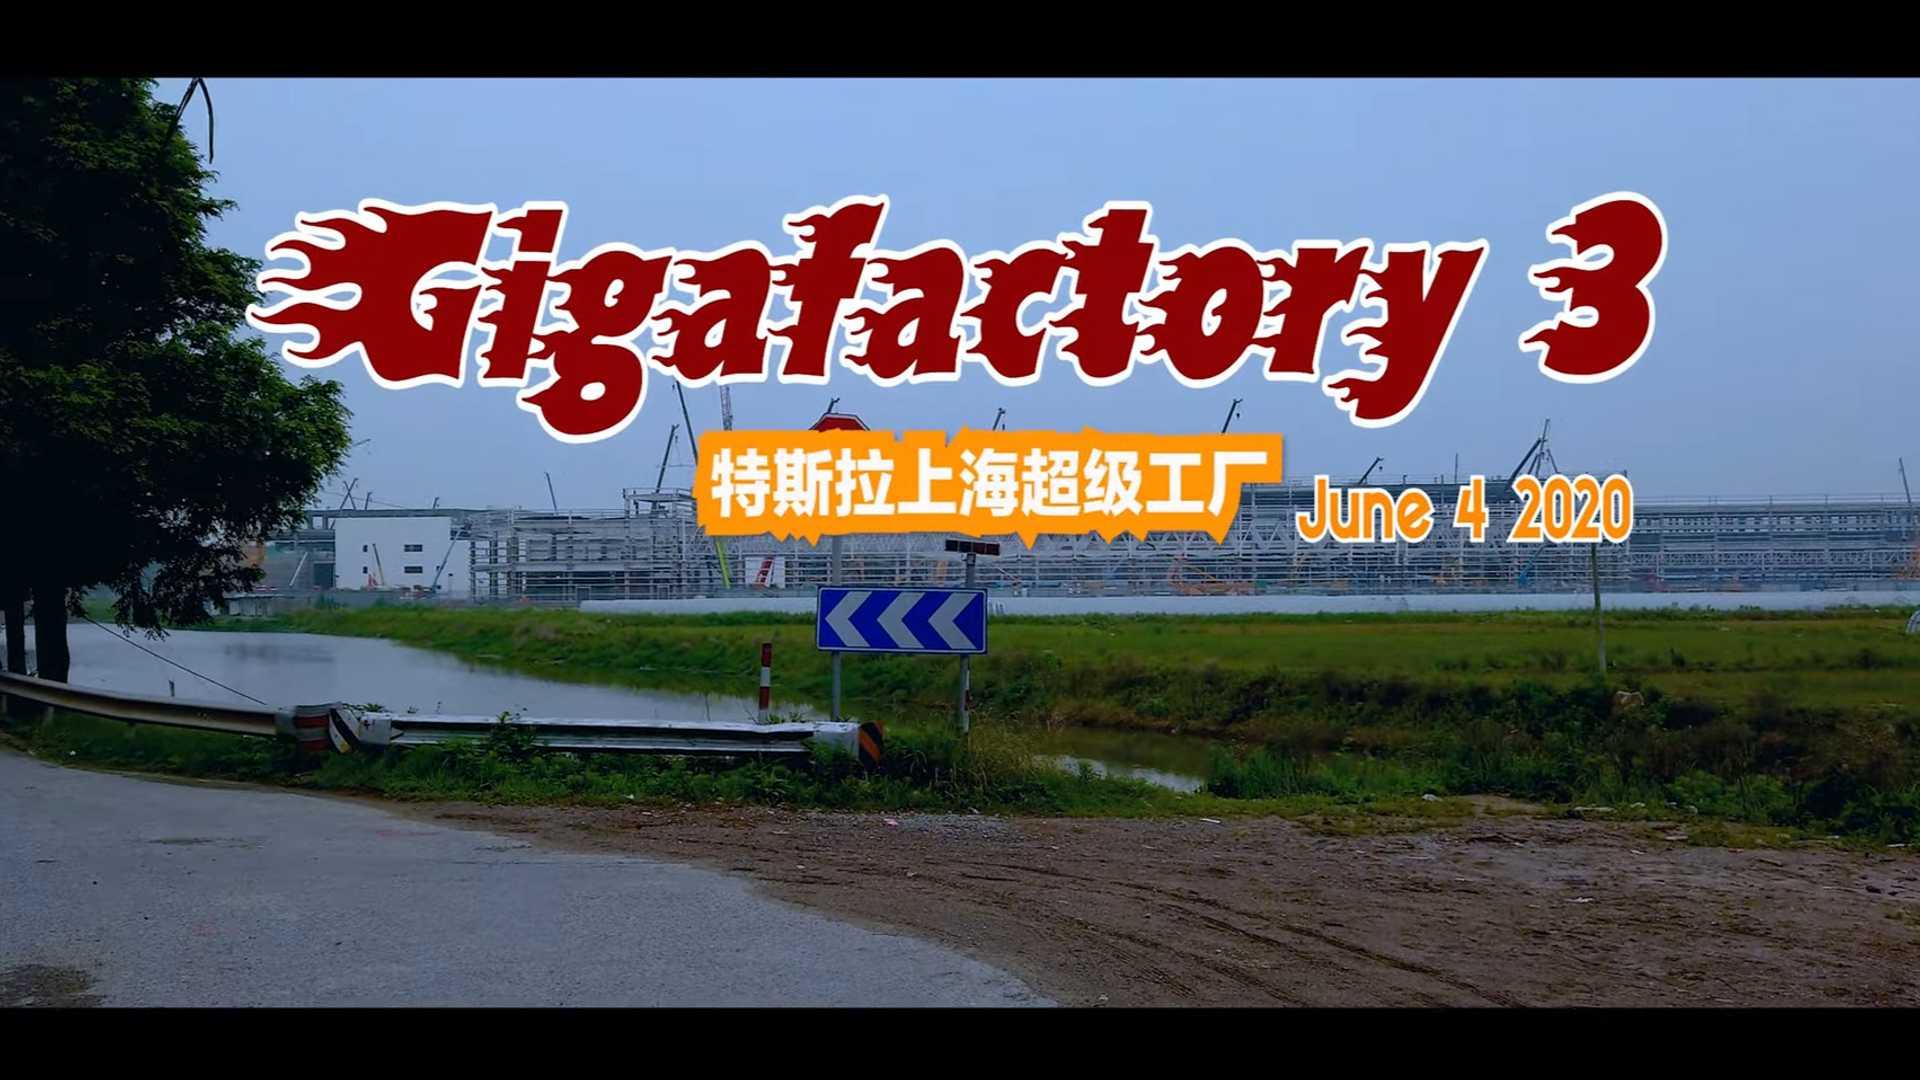 Тесла Гига Шанхай Строительство прогресс 4 июня 2020 года: видео